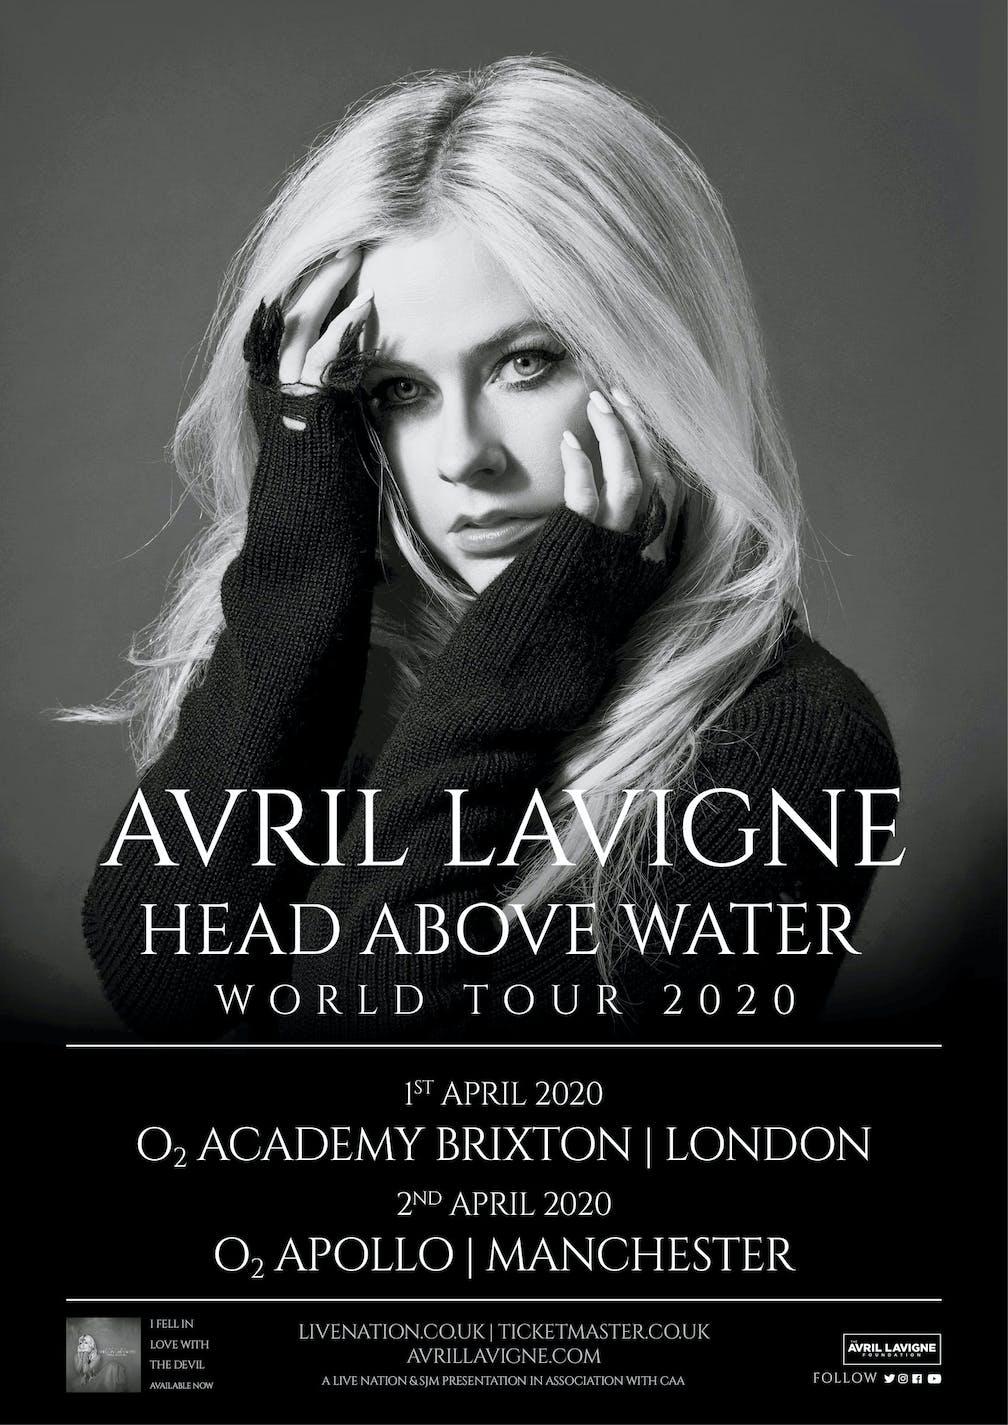 Newsboys Tour 2020.Avril Lavigne Tour 2020 Tour 2020 Infiniteradio